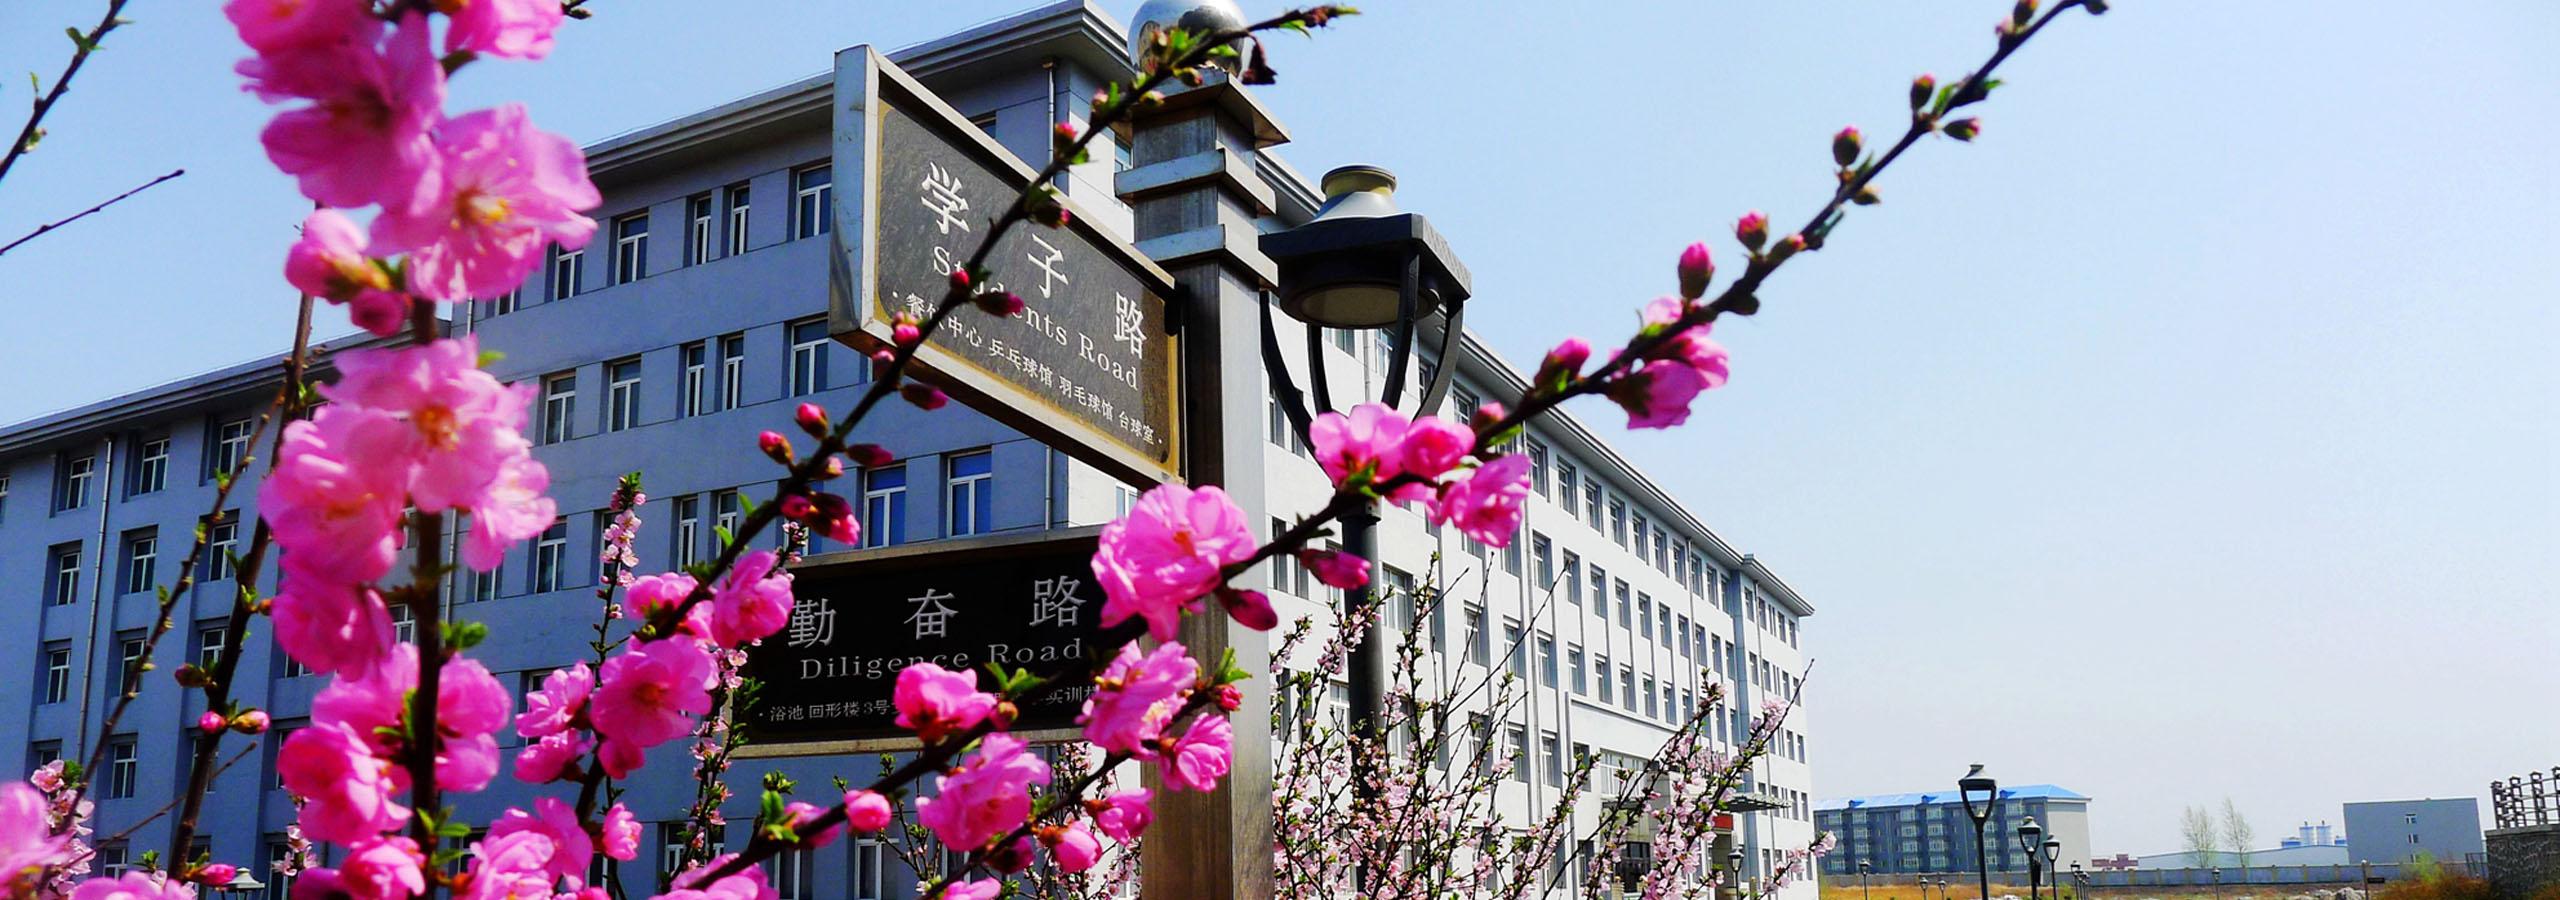 五月的城市学院花海一片